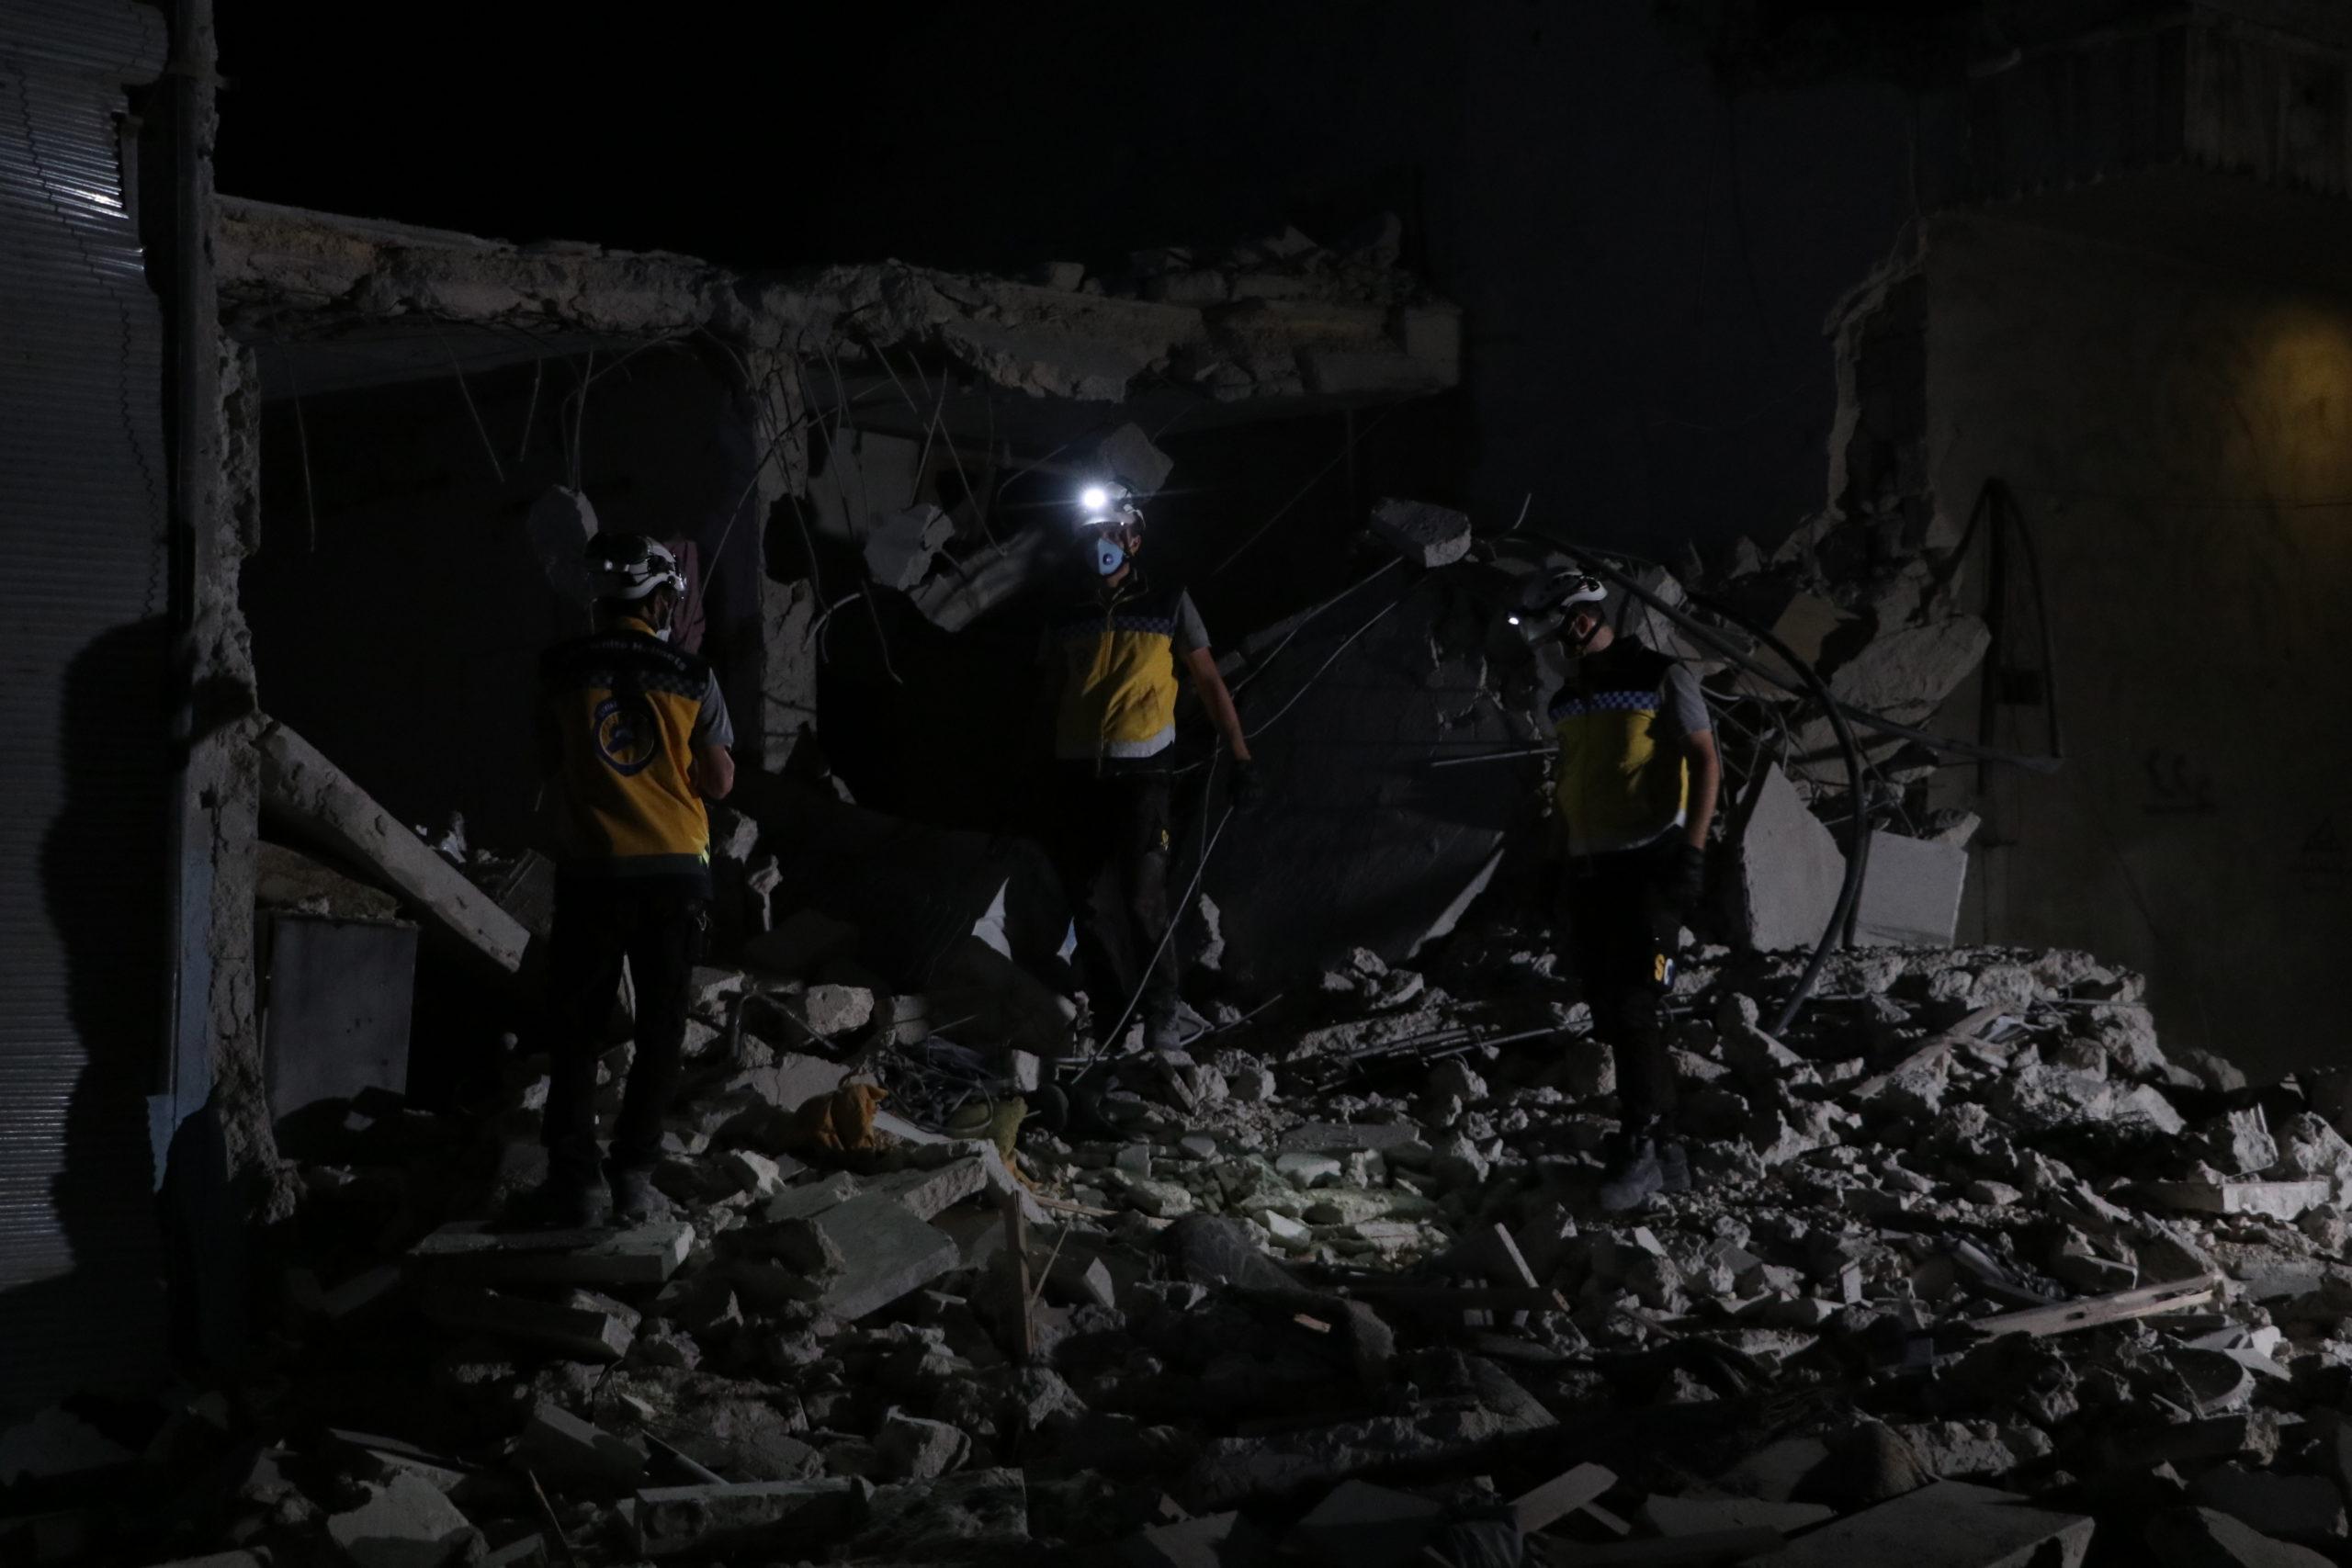 غارات على مدينة الباب، 15.07.2020 (عنب بلدي)